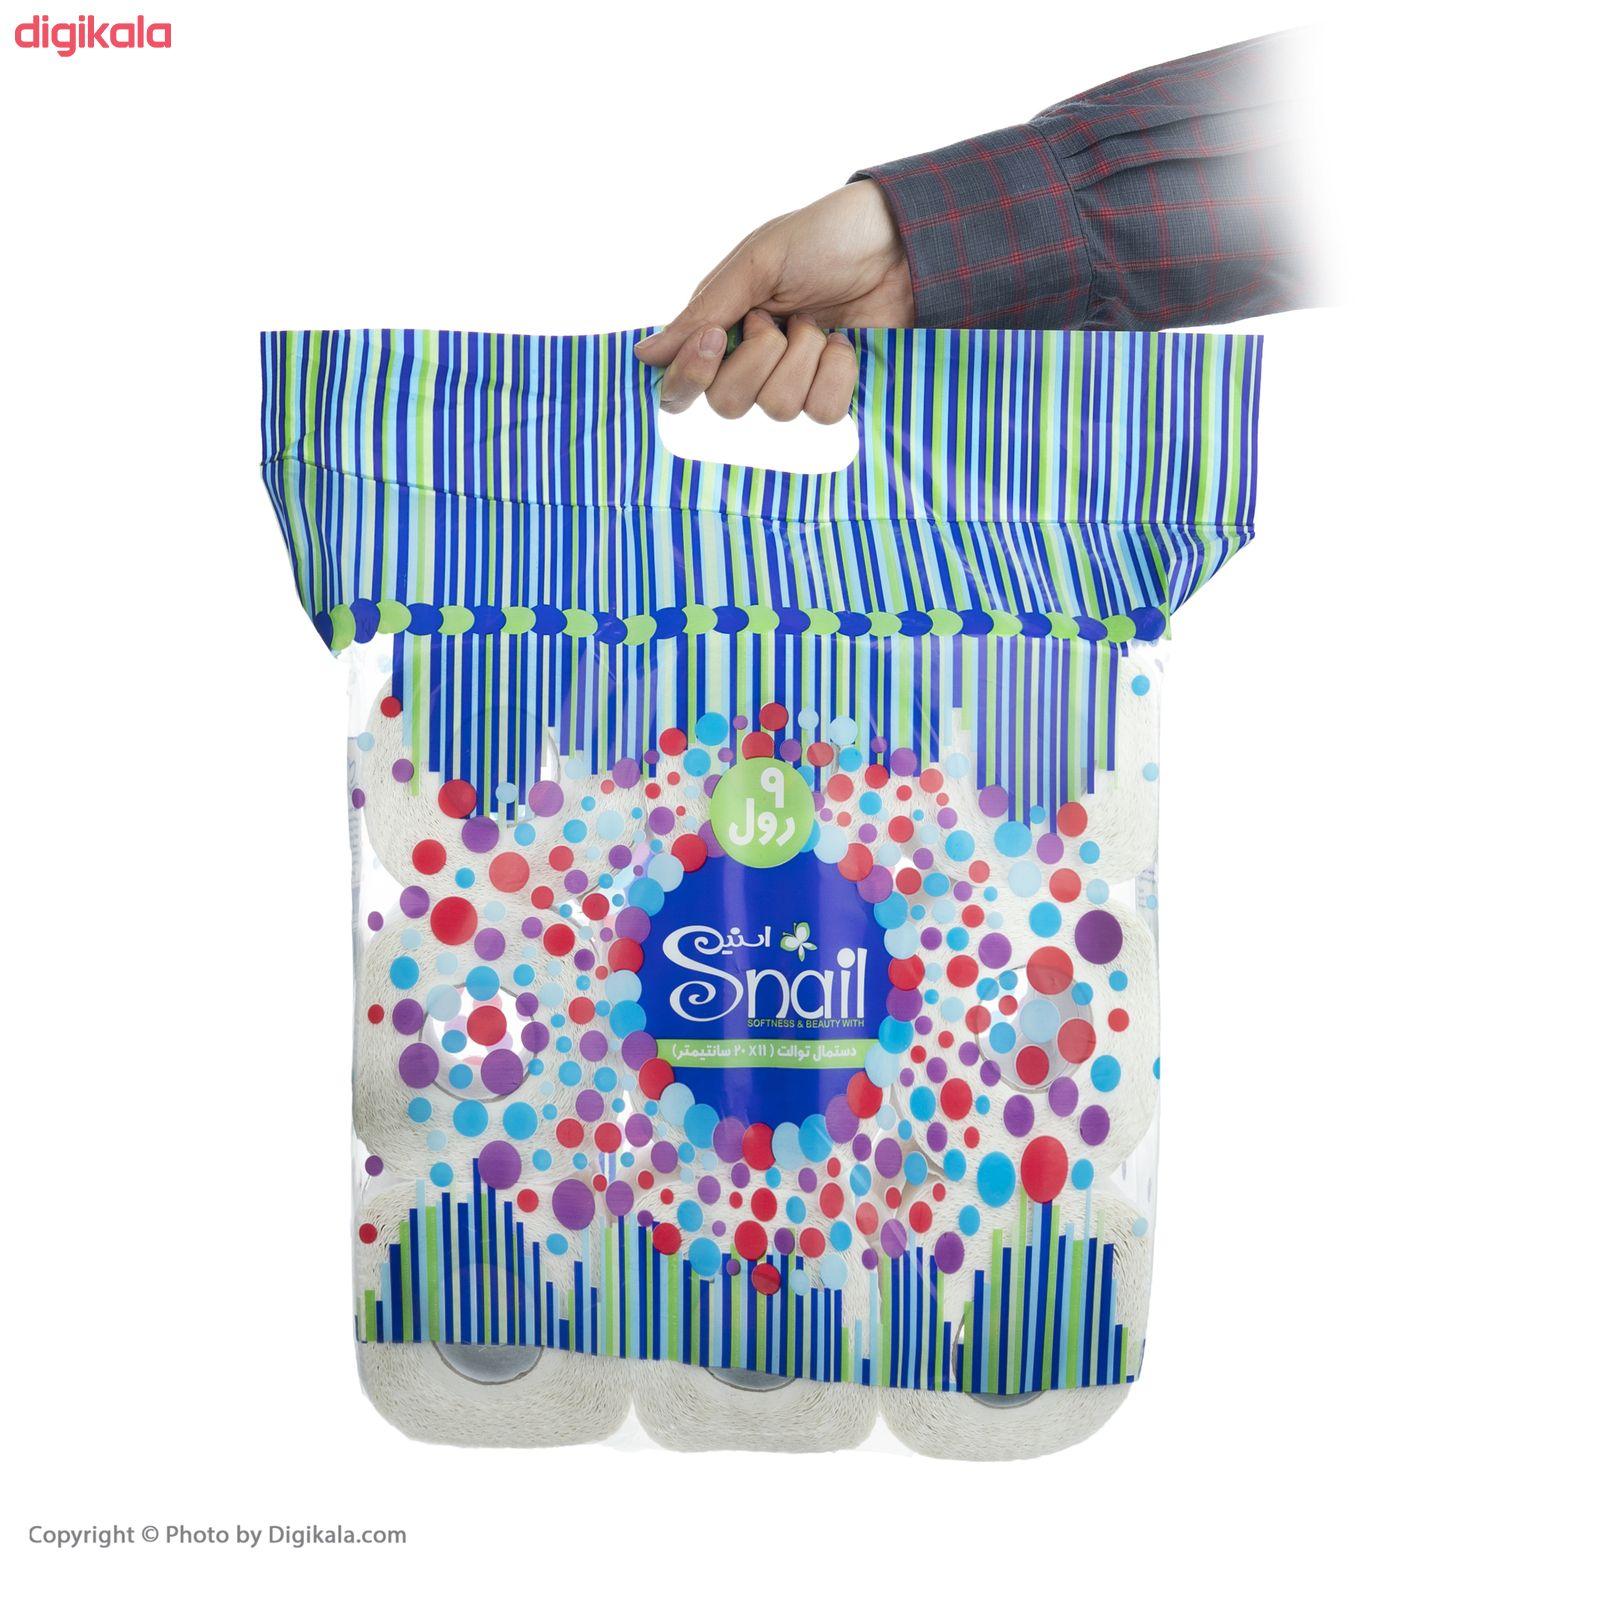 دستمال توالت اسنیل کد 01 بسته 9 عددی main 1 3